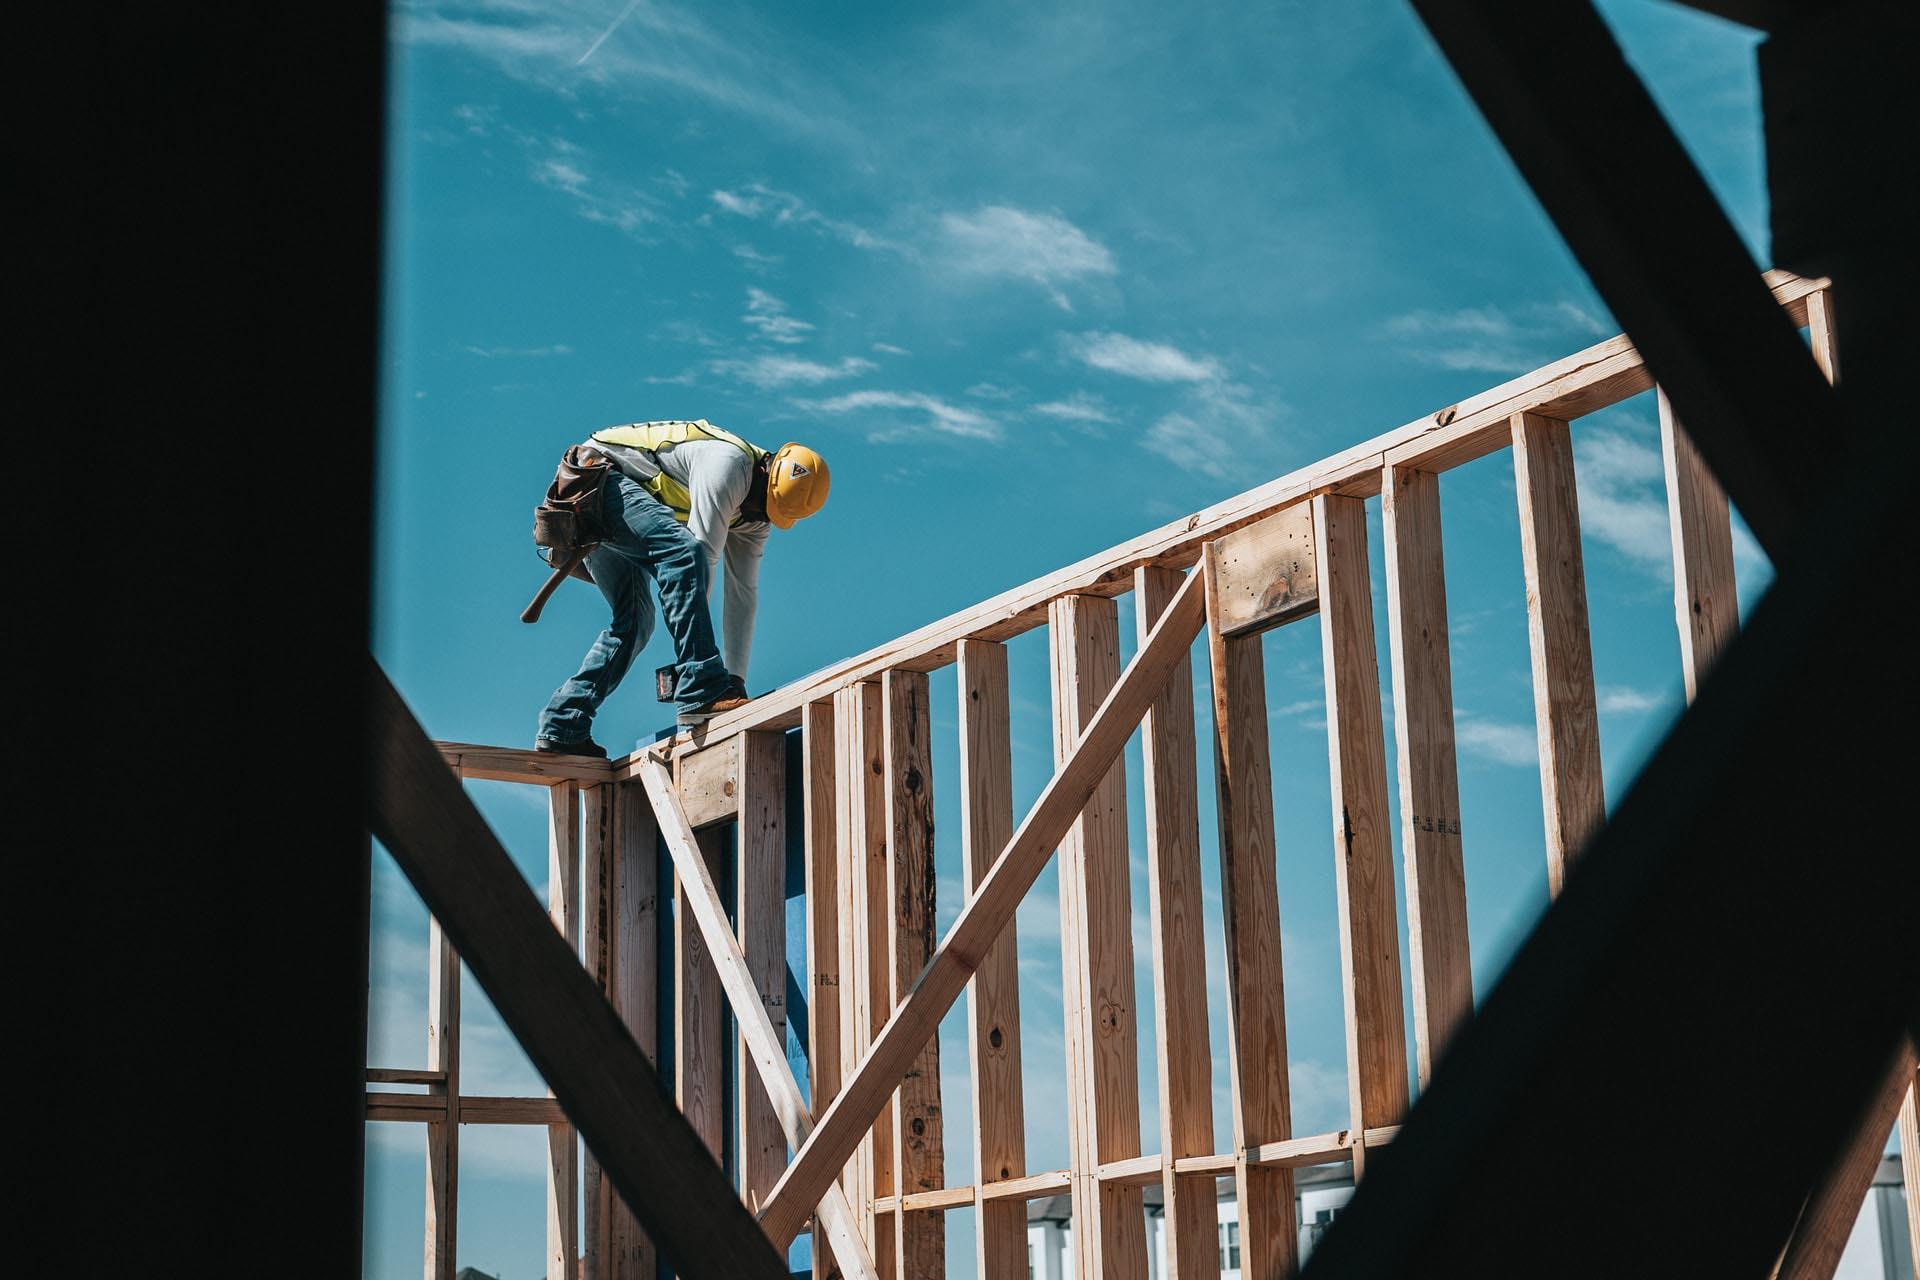 Ein Bauarbeiter steht gebückt auf einem Gerüst aus Holzbalken auf einer Baustelle